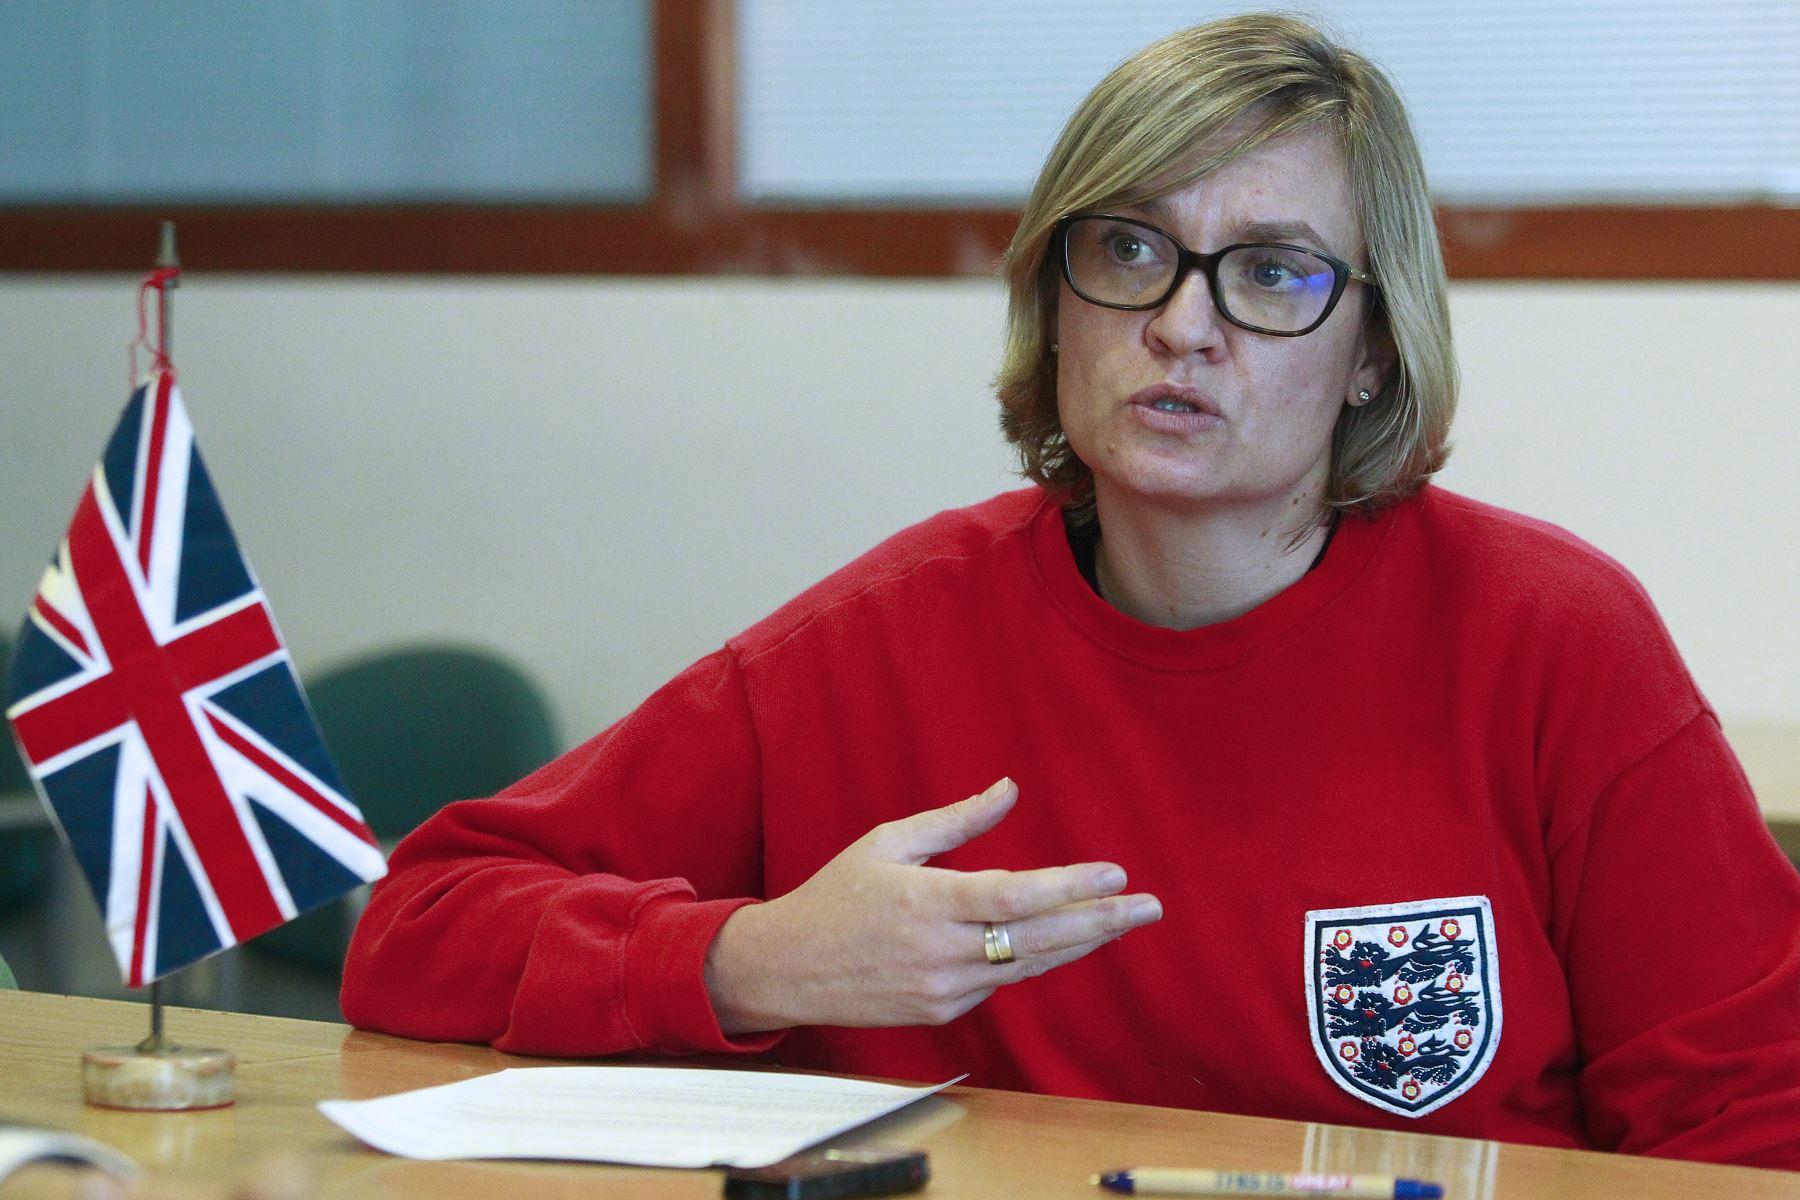 Embajadora del Reino Unido en Perú, Kate Harrisson. ANDINA/Eddy Ramos